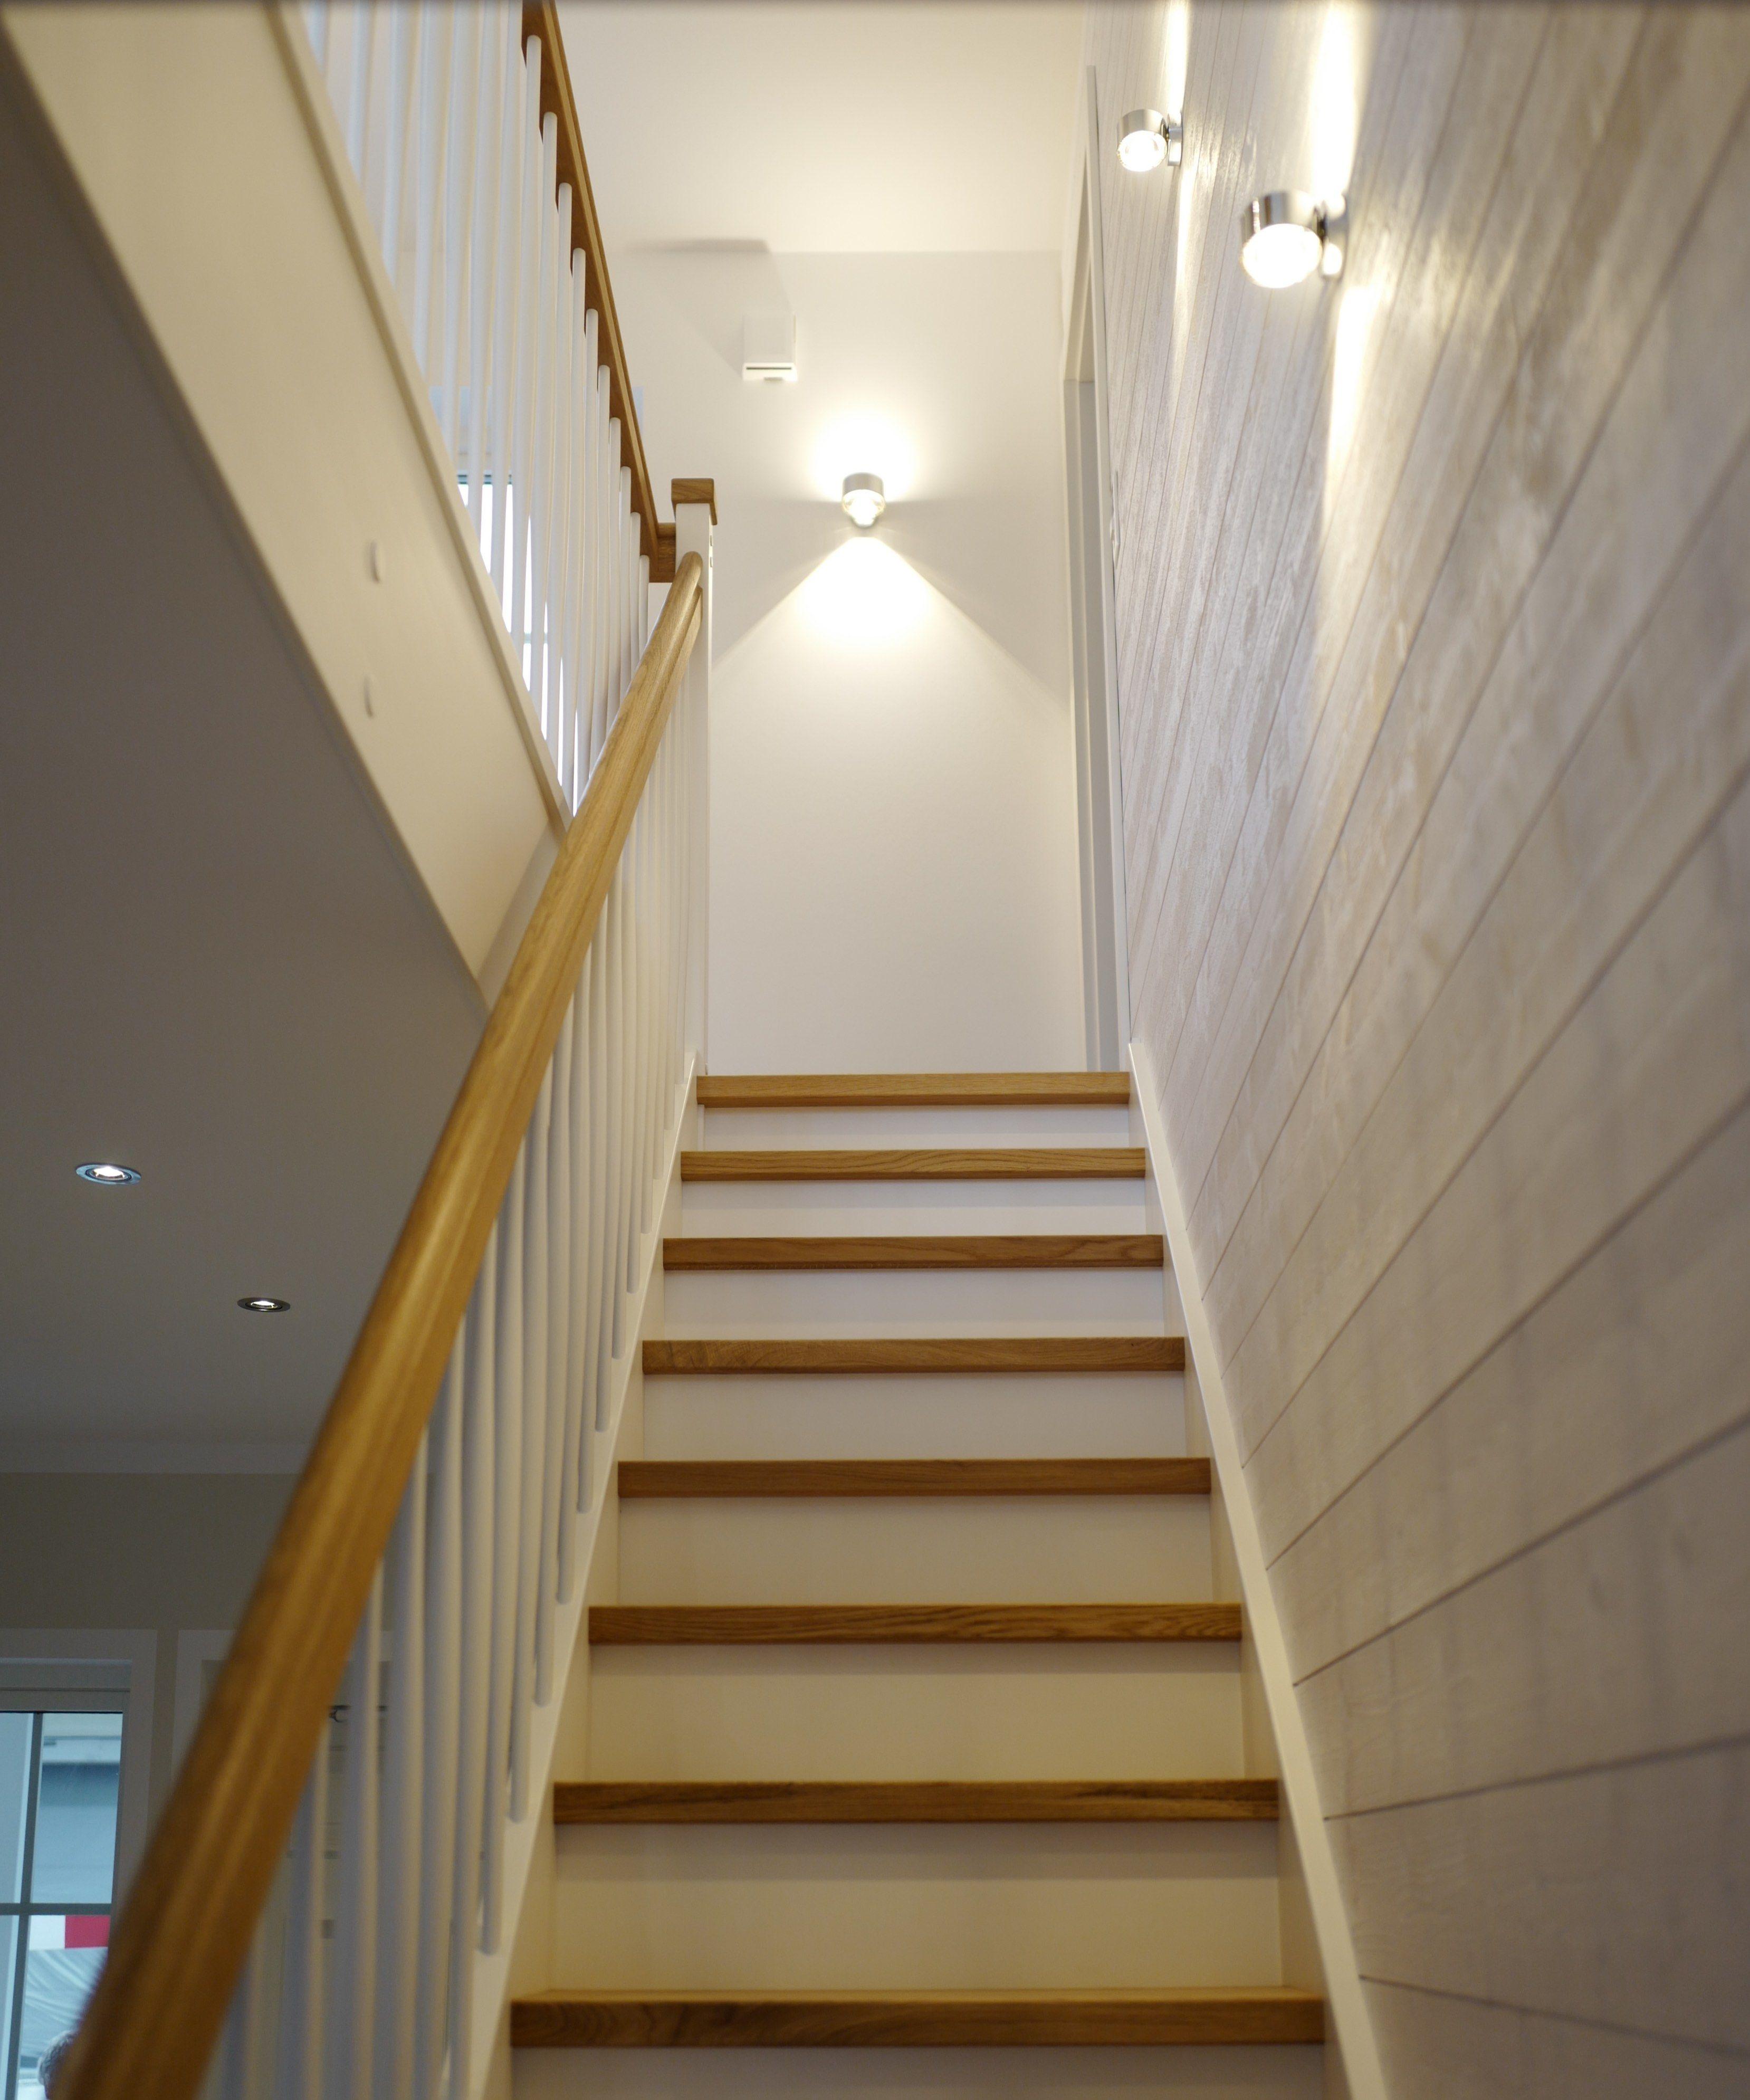 Indirekte Beleuchtung Einer Geraden Beissen Treppe Die Seitenwand Ist Mit Sagerohem Weissem Holz Verkleidet Treppe Holz Treppe Haus